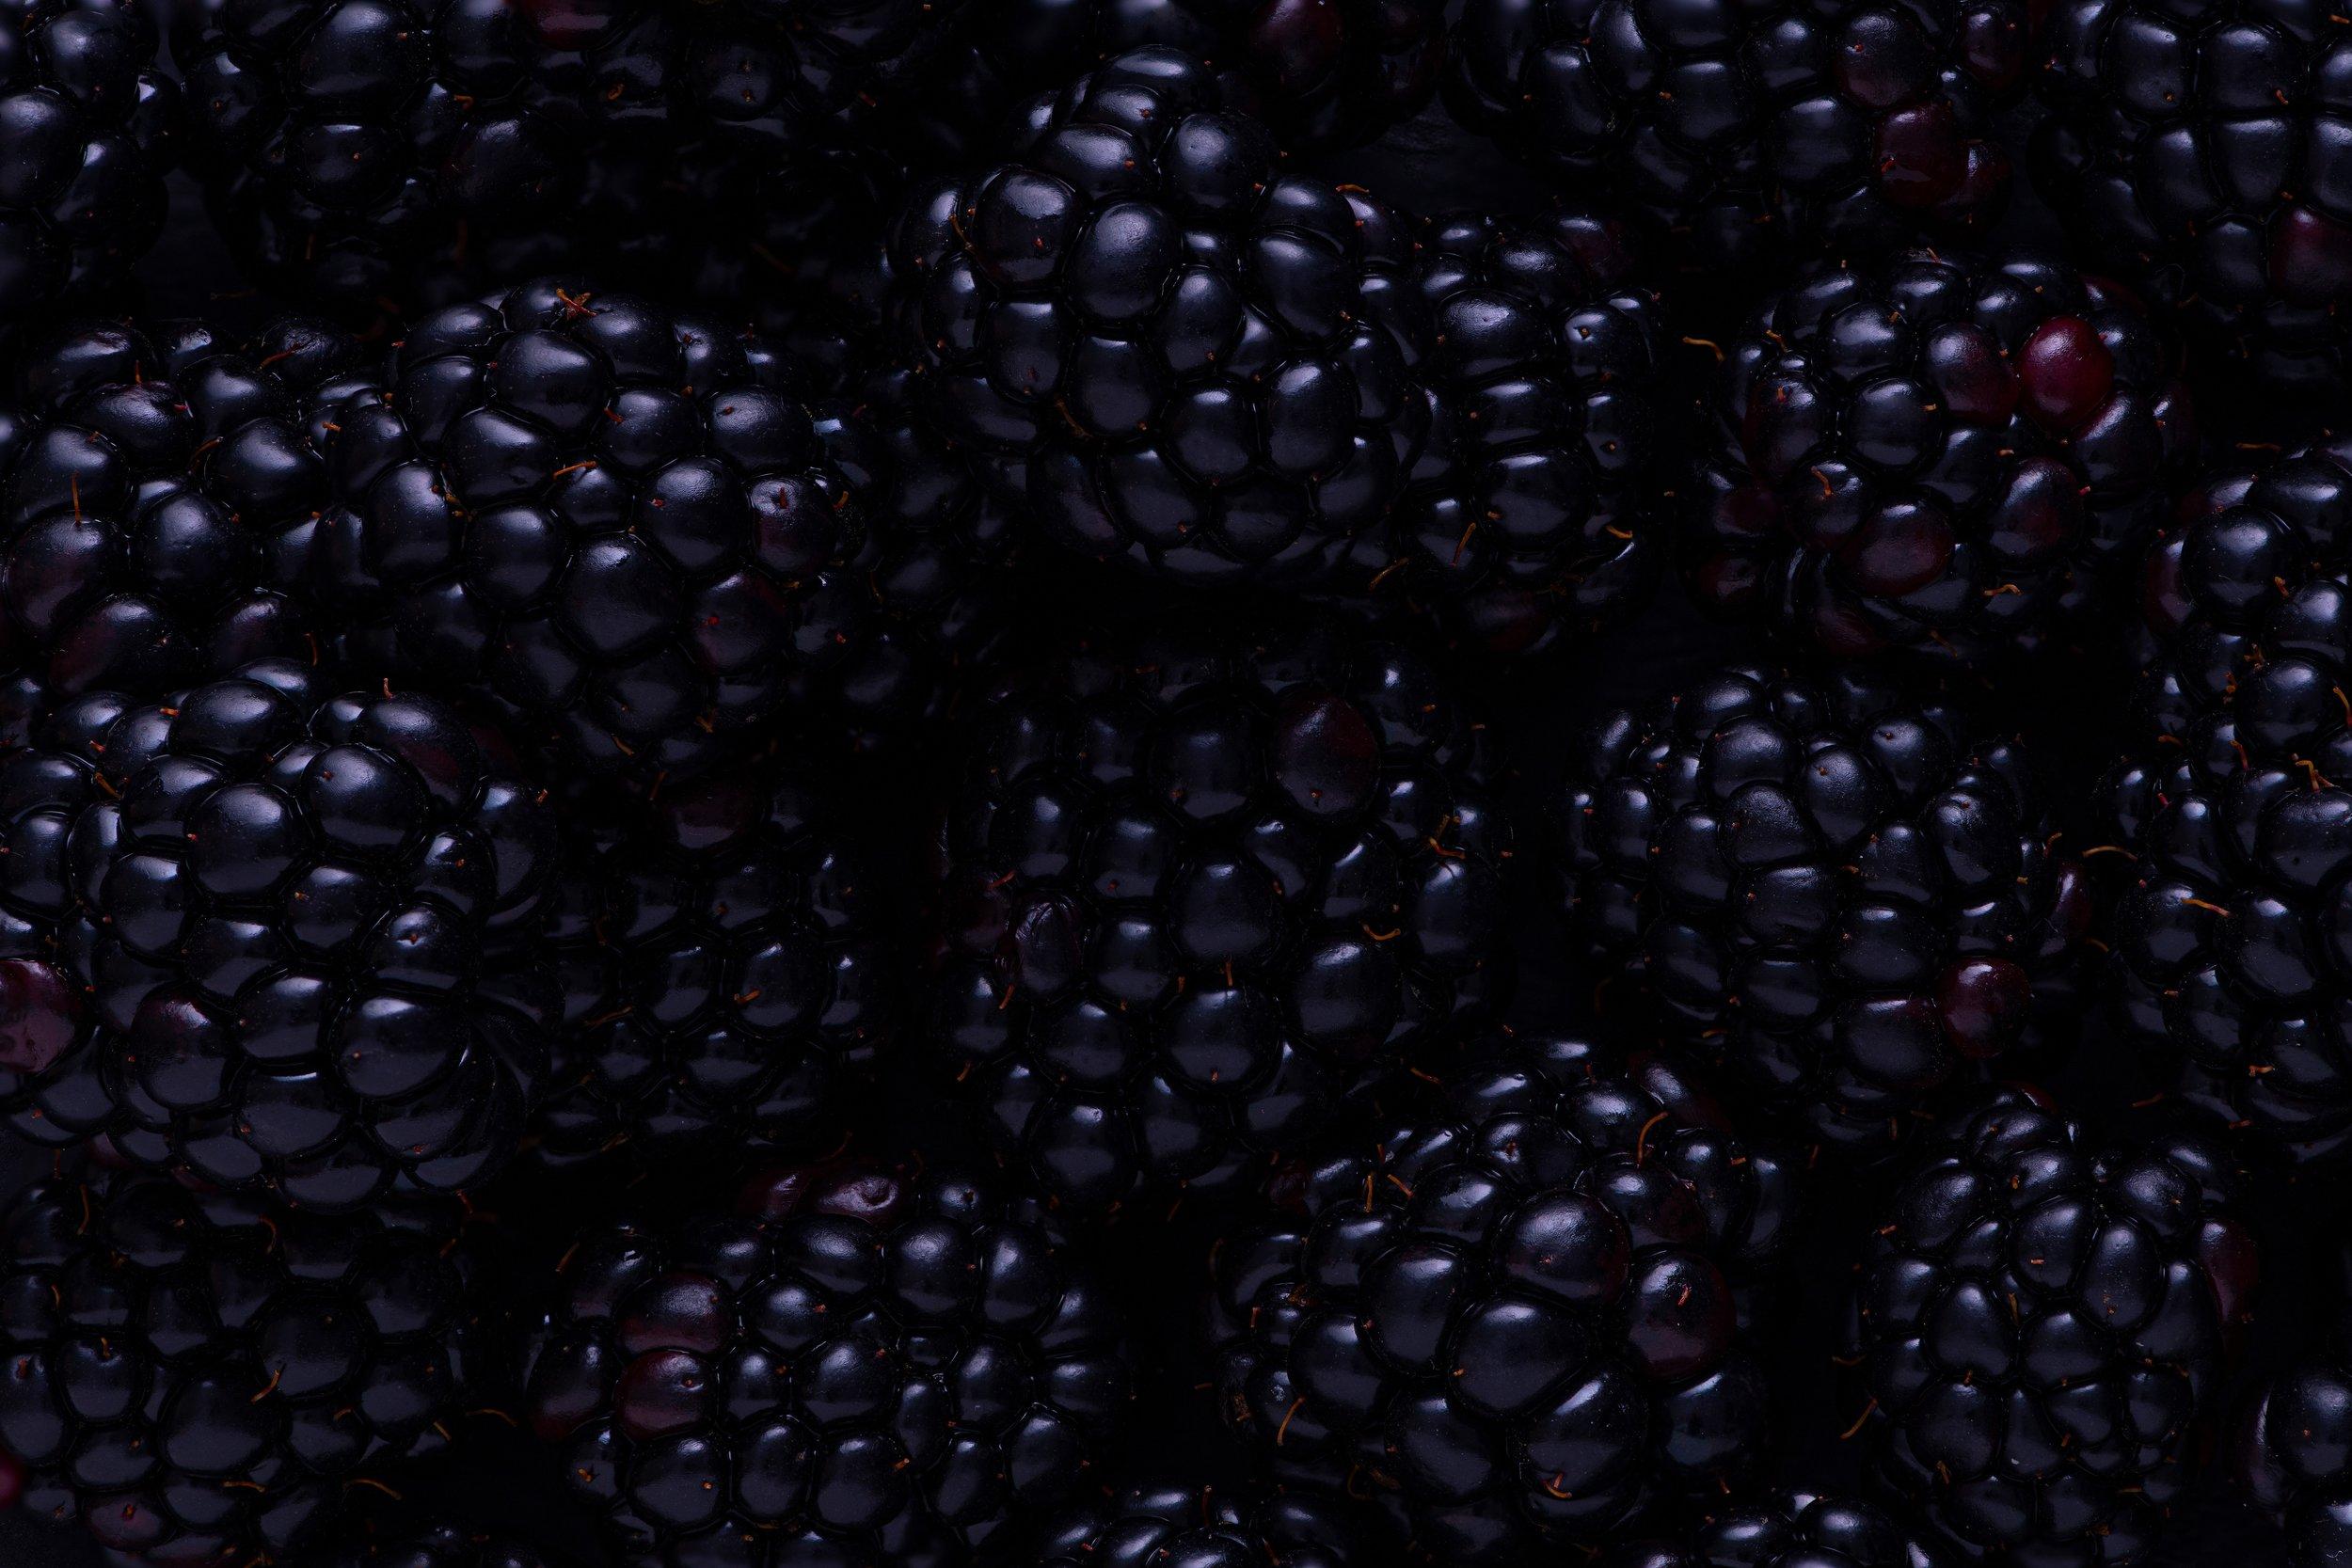 Mmmmmm delicious blackberries.